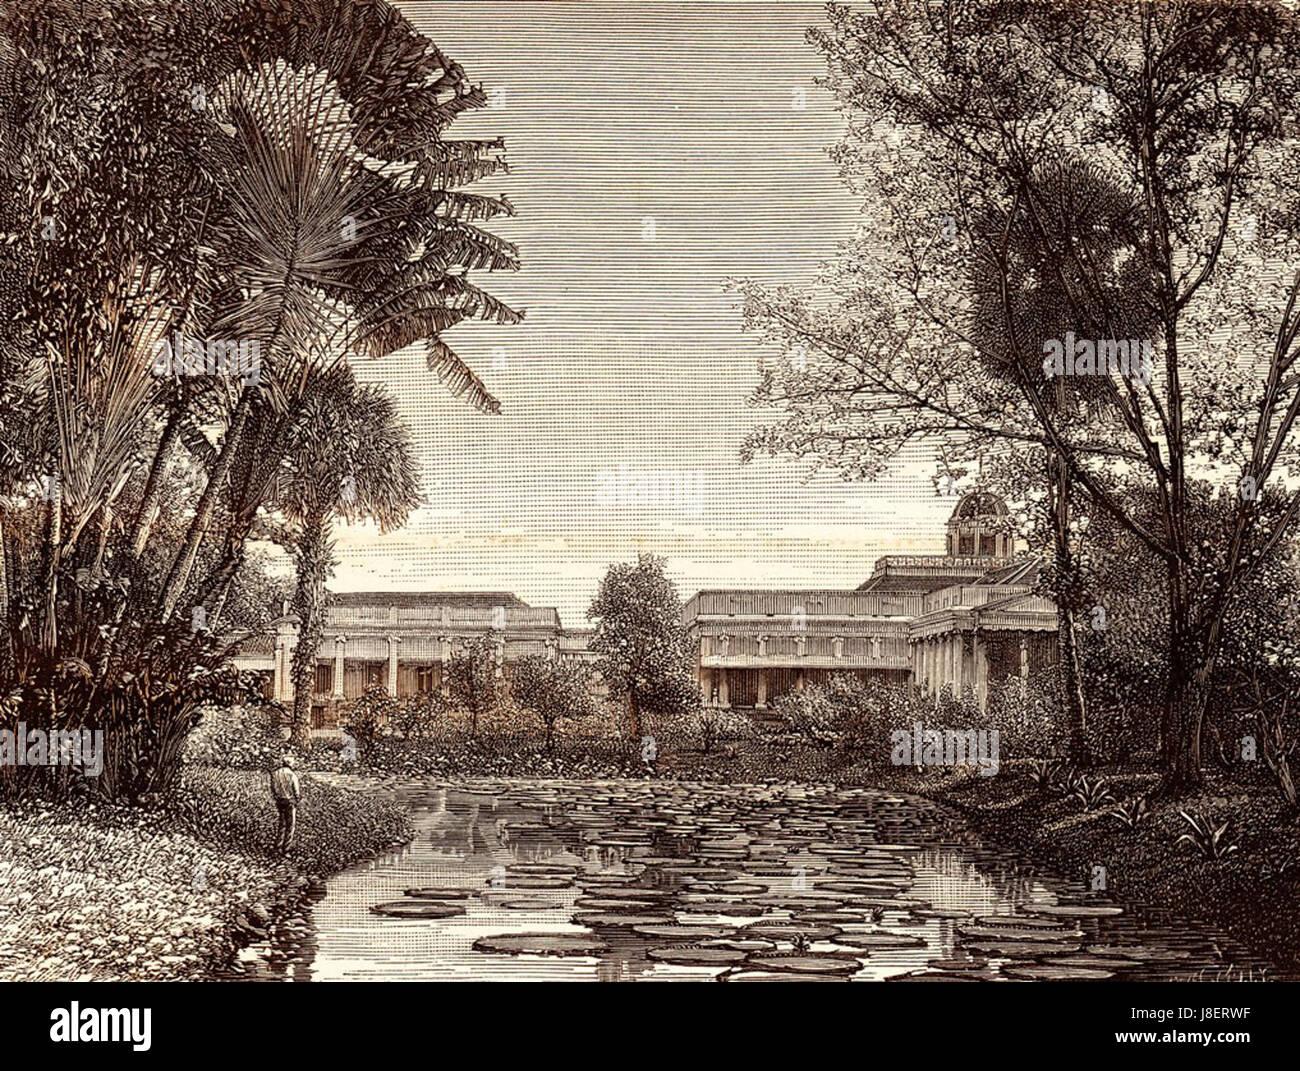 Gezicht op het paleis van de gouverneur generaal uit 's lands plantentuin te Buitenzorg - Stock Image